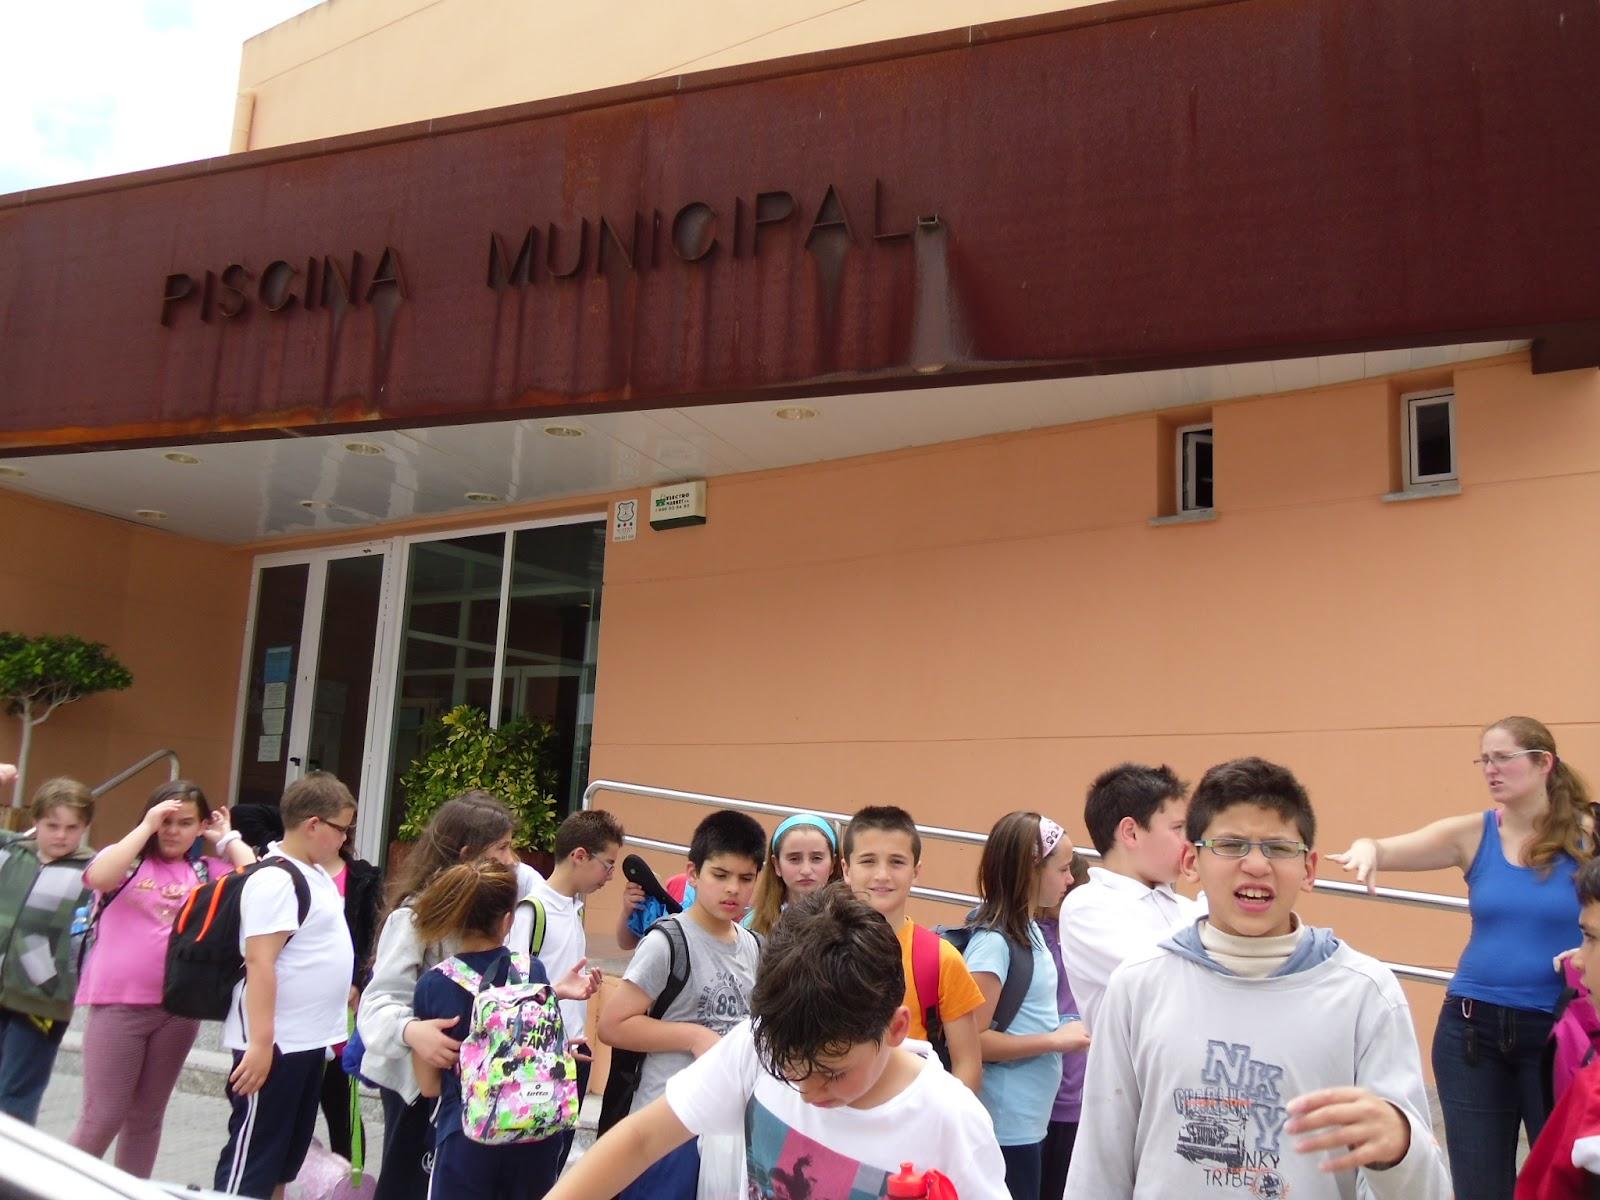 El alumnado de 4 va a la piscina municipal ceip for Piscina municipal el vendrell